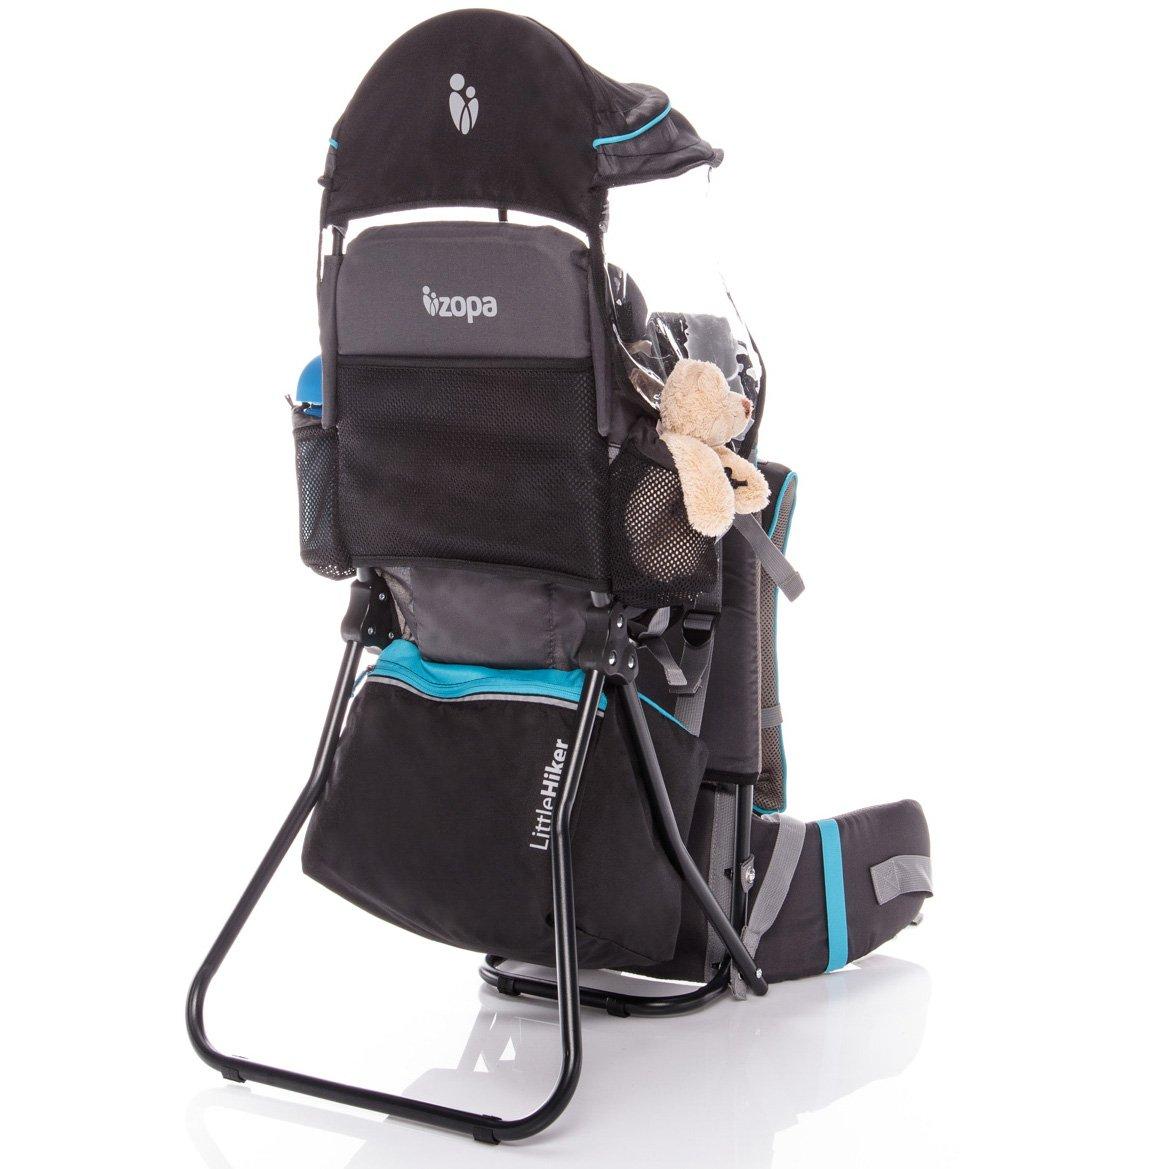 ZOPA Kindertrage Little Hiker - Hö henverstellbarer Sitz, fü r Kinder von 10 Monaten bis 18 kg (Atol Blue)